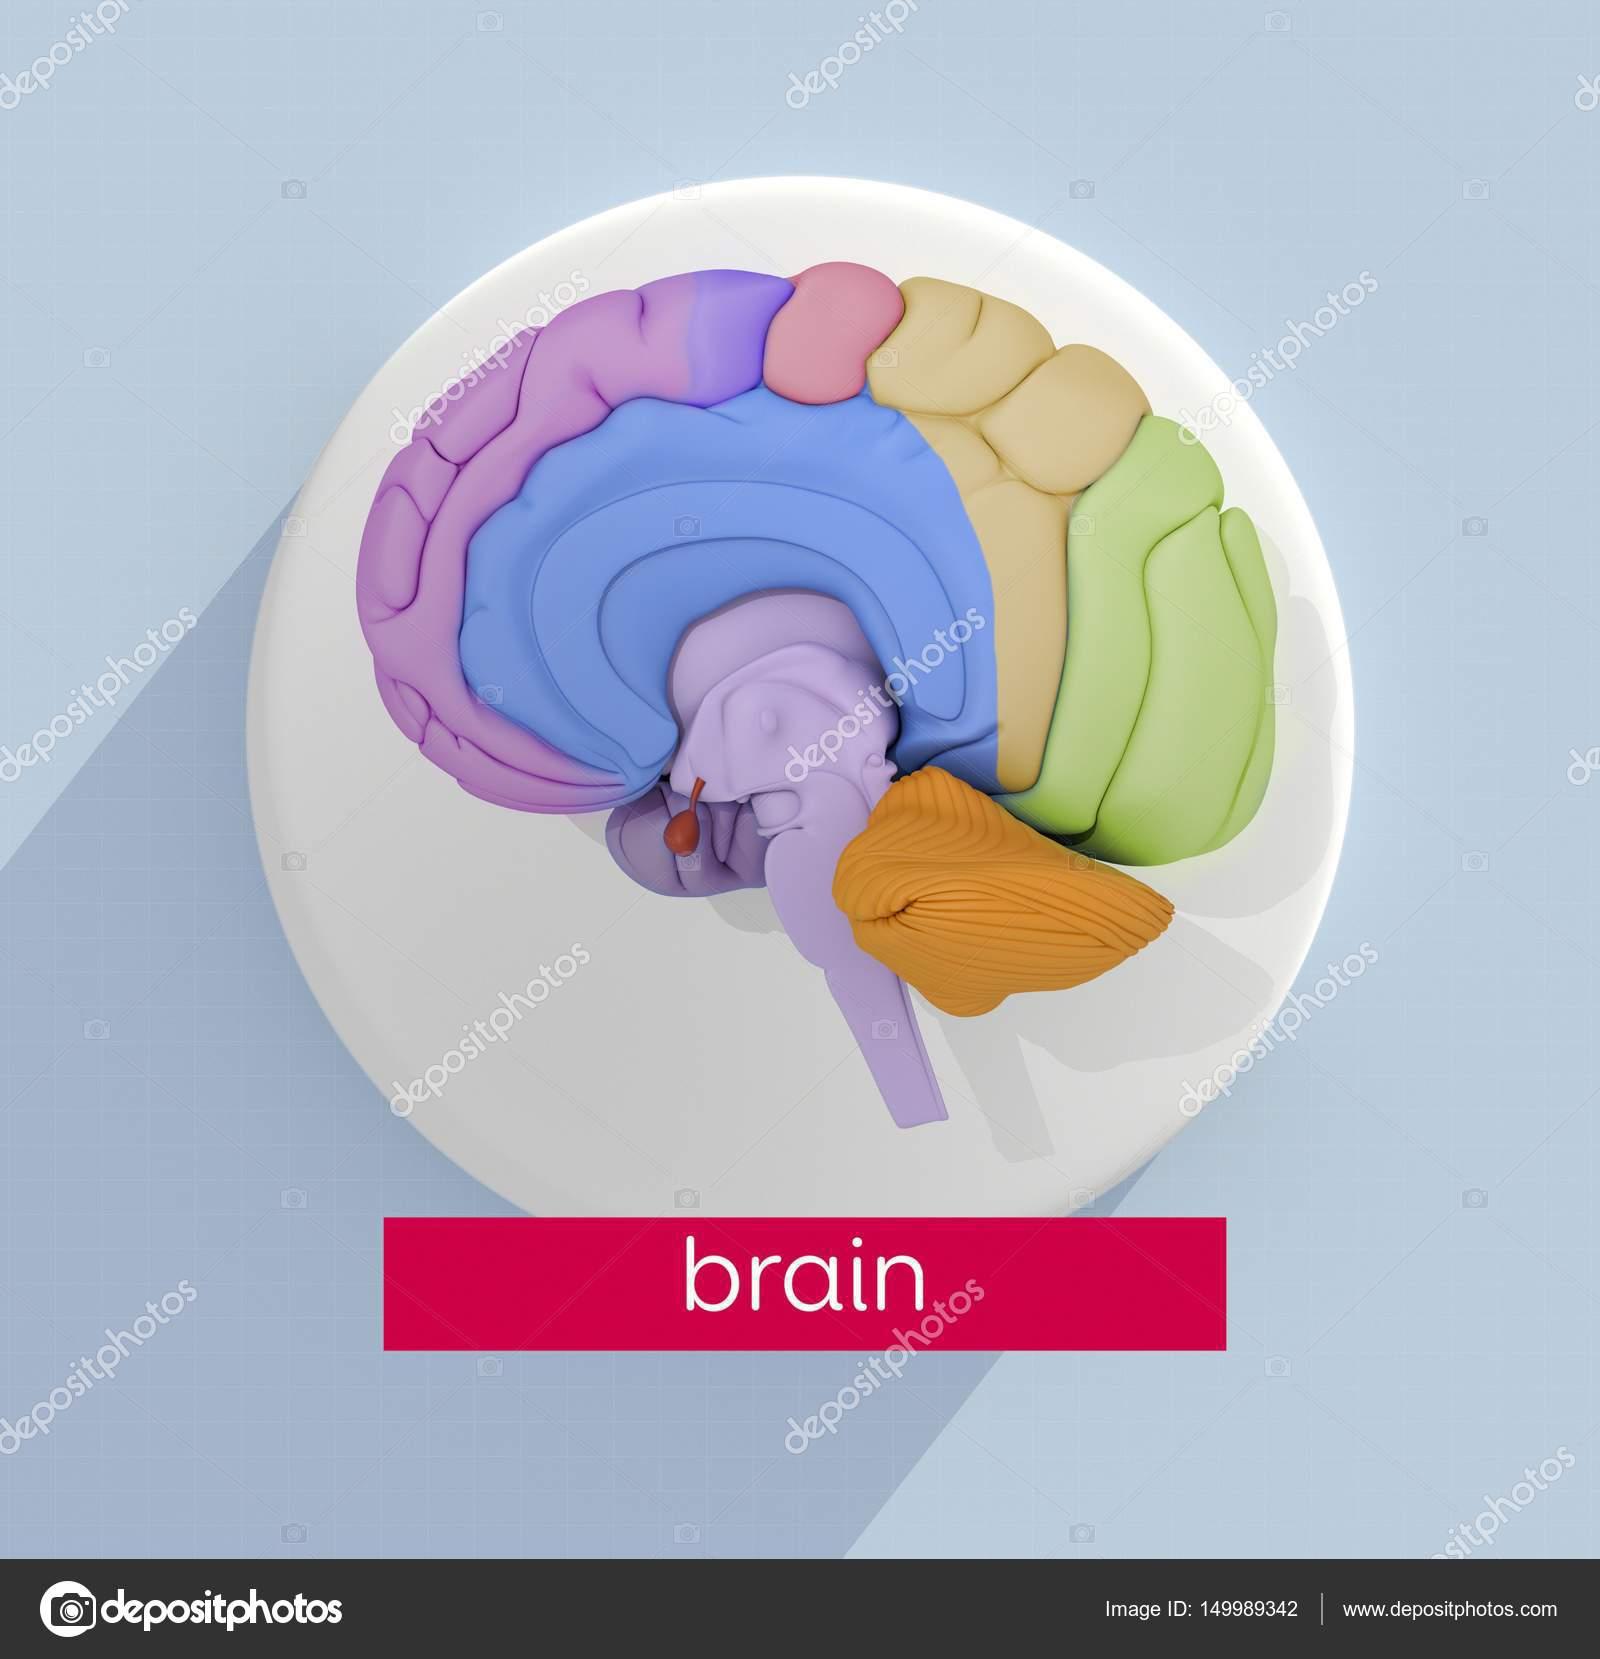 Icono de modelo de cerebro humano Anatomía — Foto de stock ...